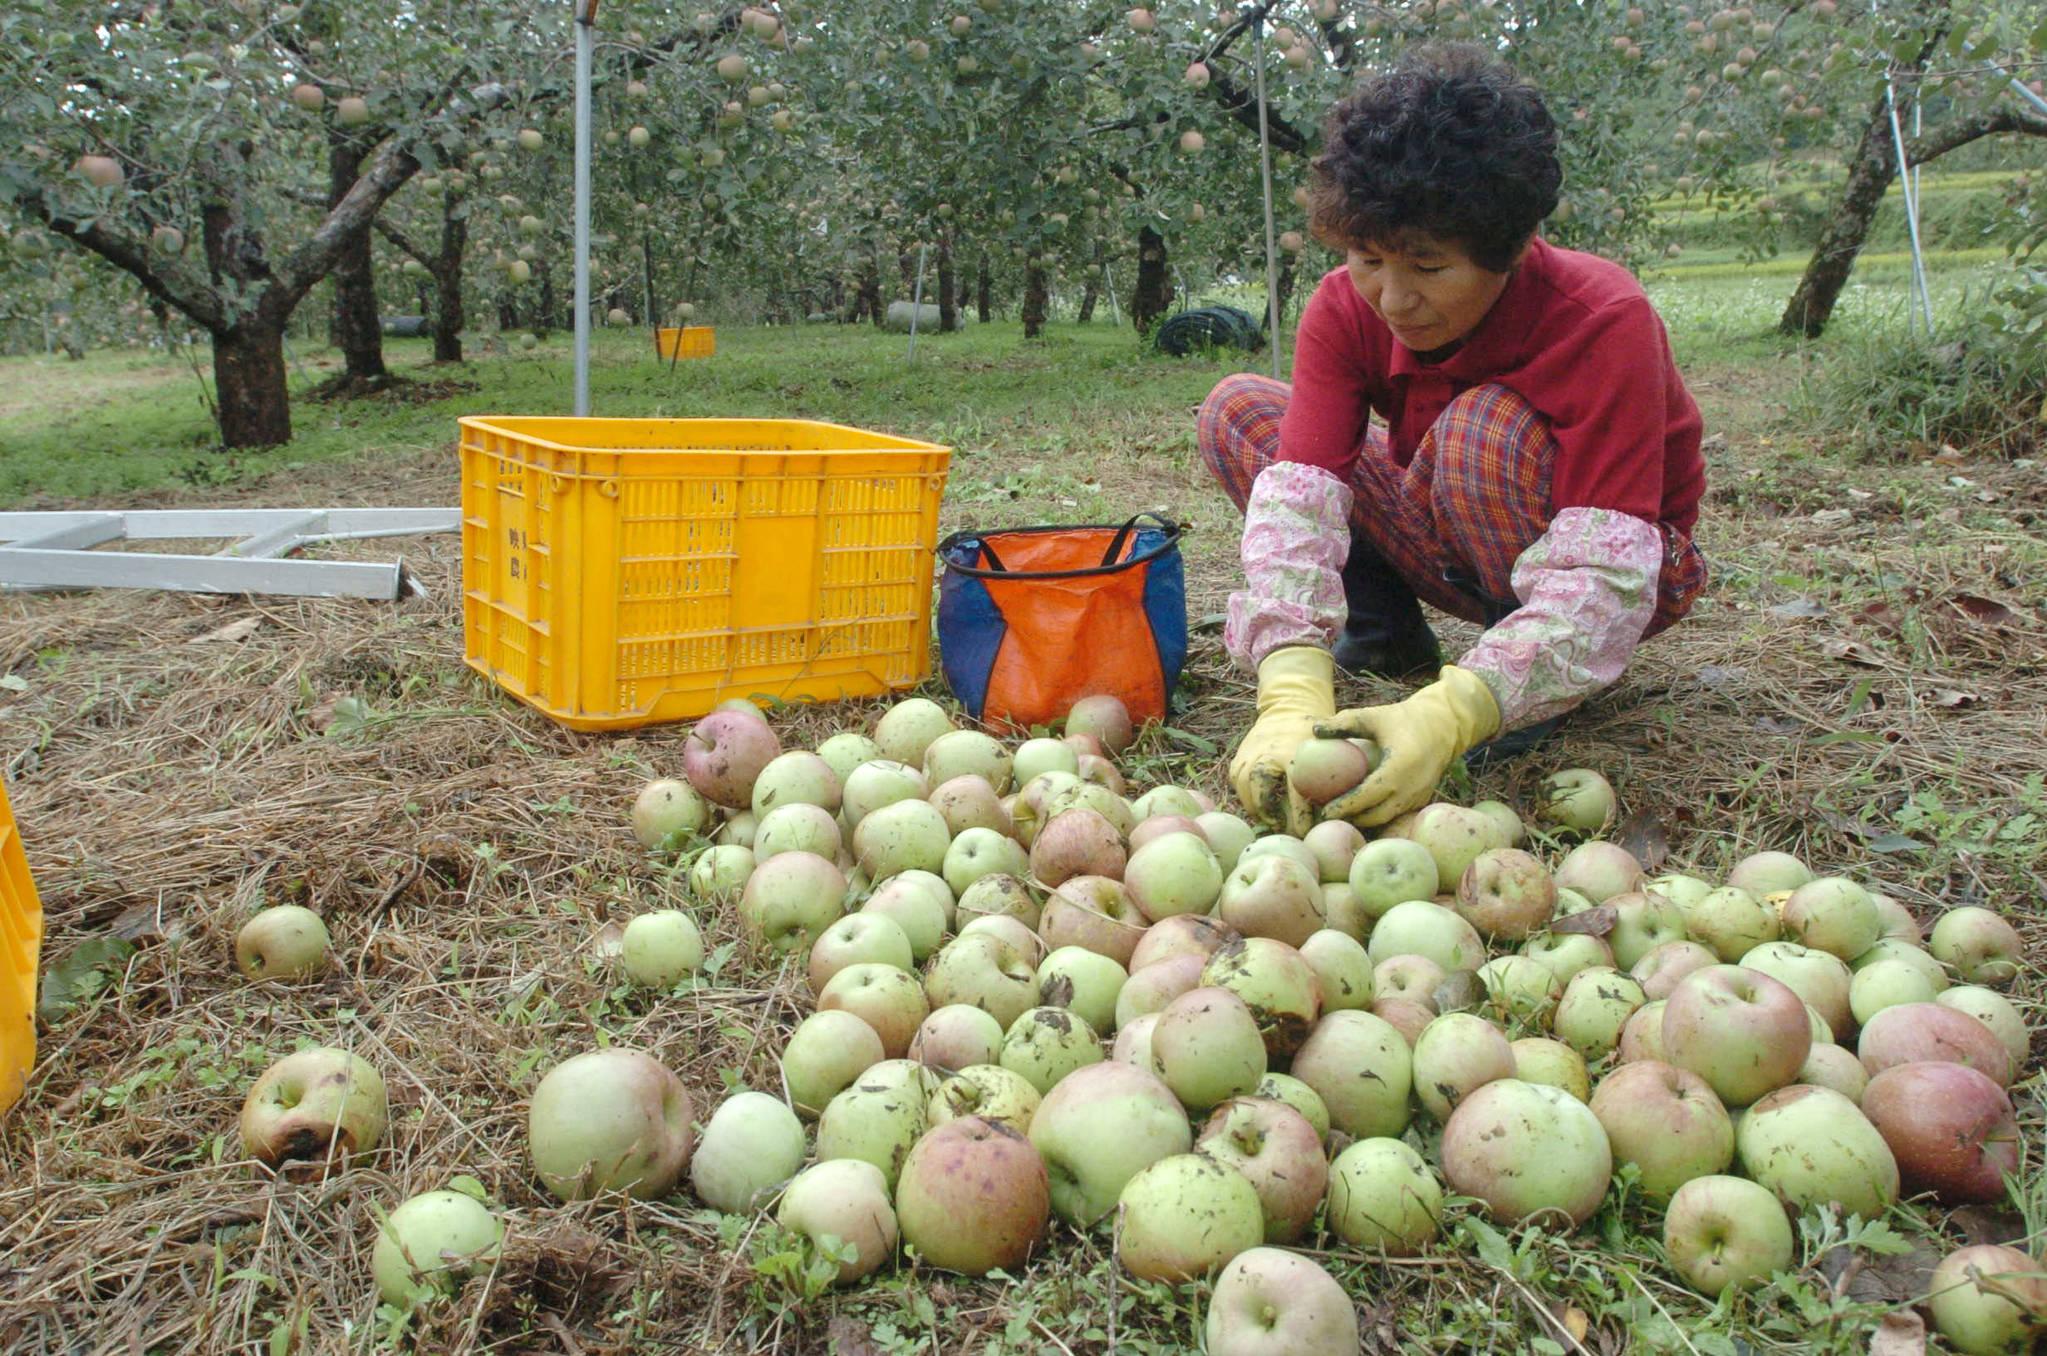 2006년 9월18일 경북 포항시 기북면 성법리 한 과수원에서 농민이 떨어진 사과를 줍고 있다.조문규 기자